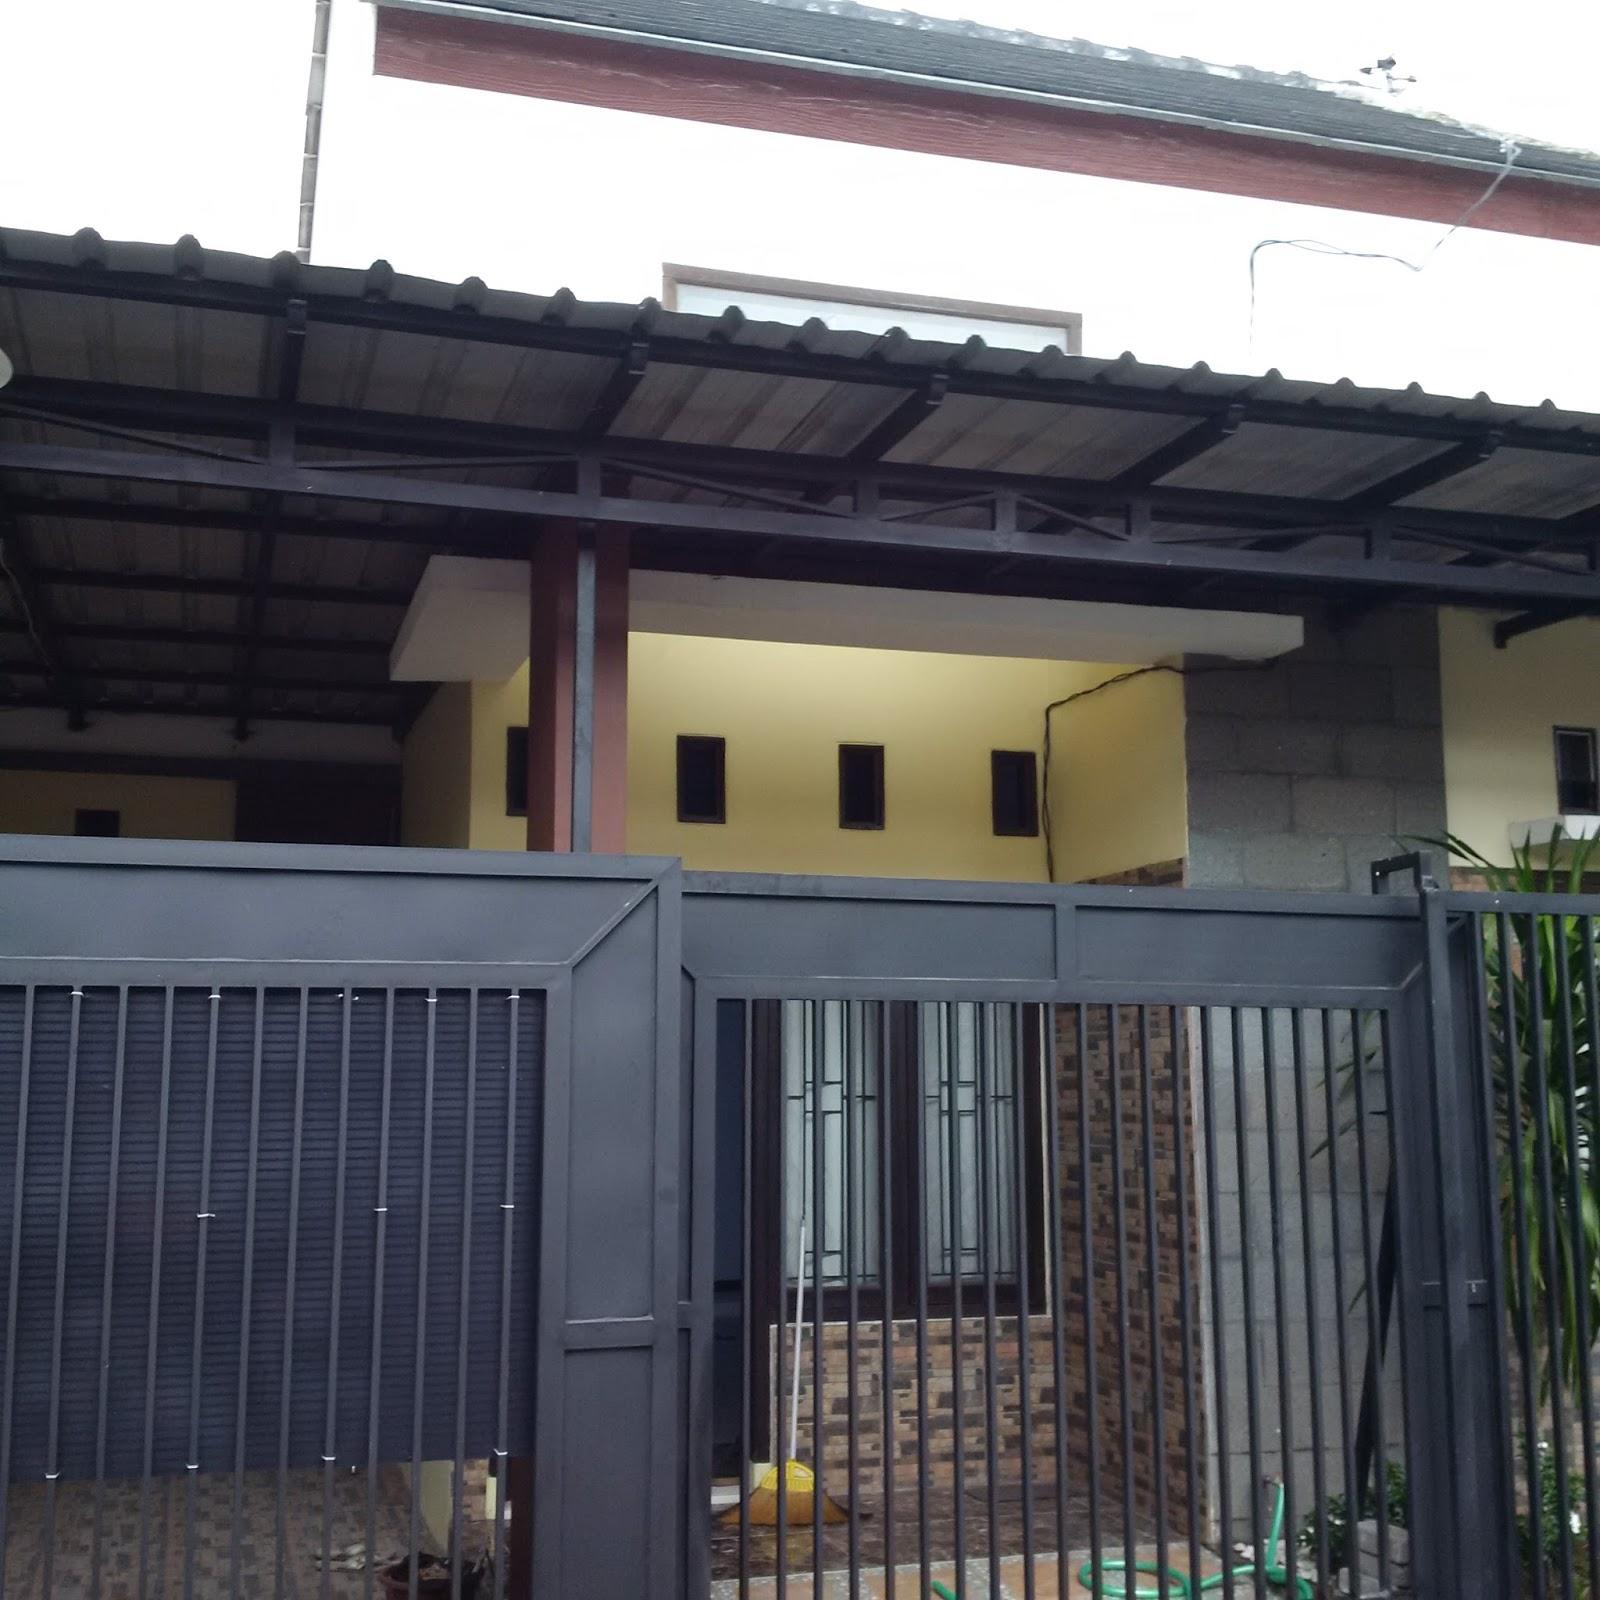 Foto Rumah Tampak Depan Rumah Dijual Di Kediri